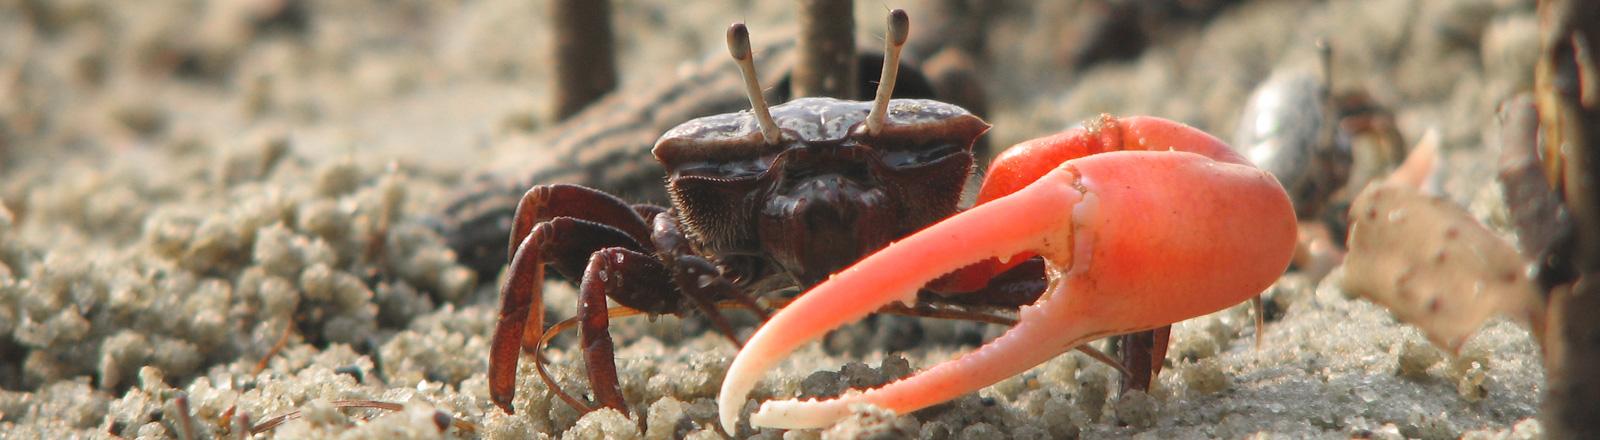 Eine Winkerkrabbe läuft mit roter Schere durch den Sand.